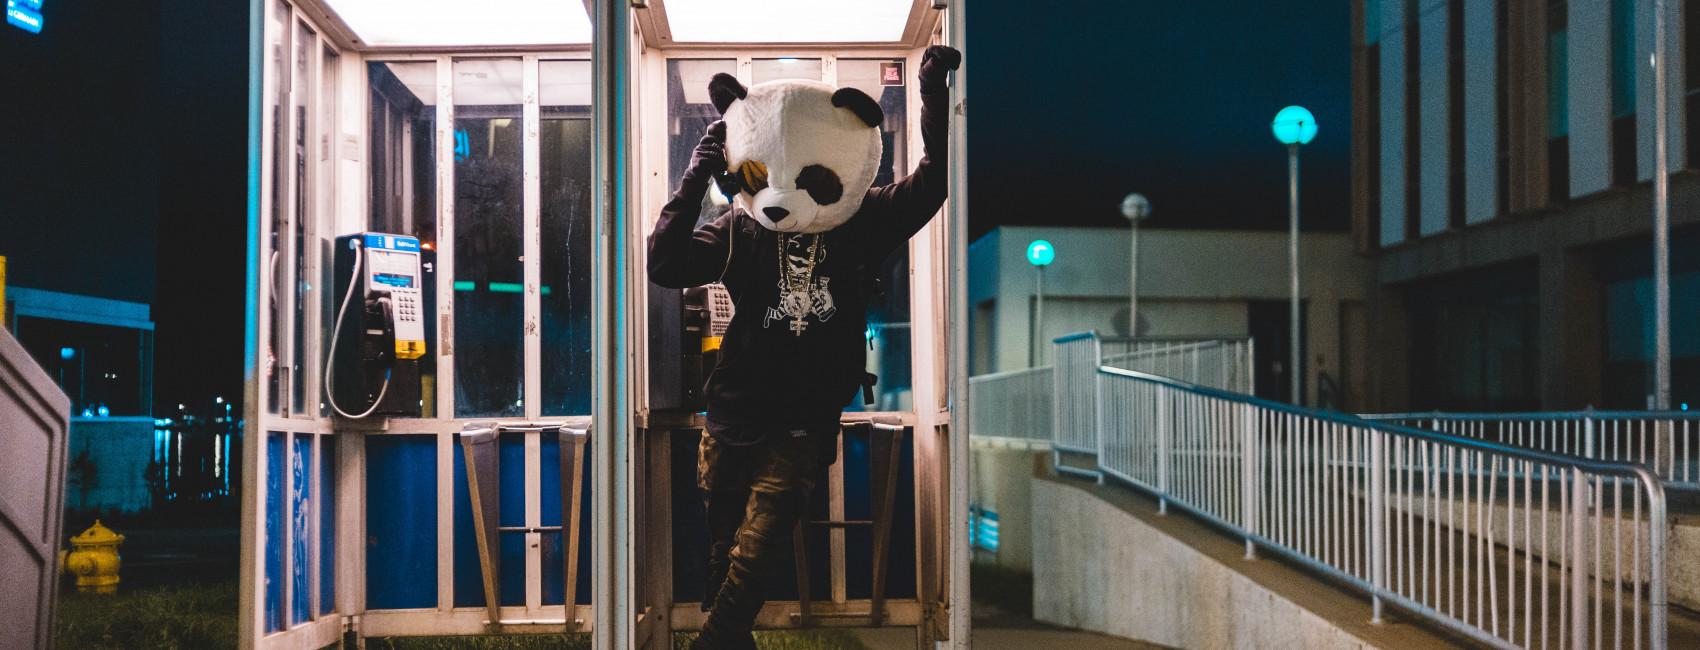 La mia intervista sul portale Rolling Pandas 1